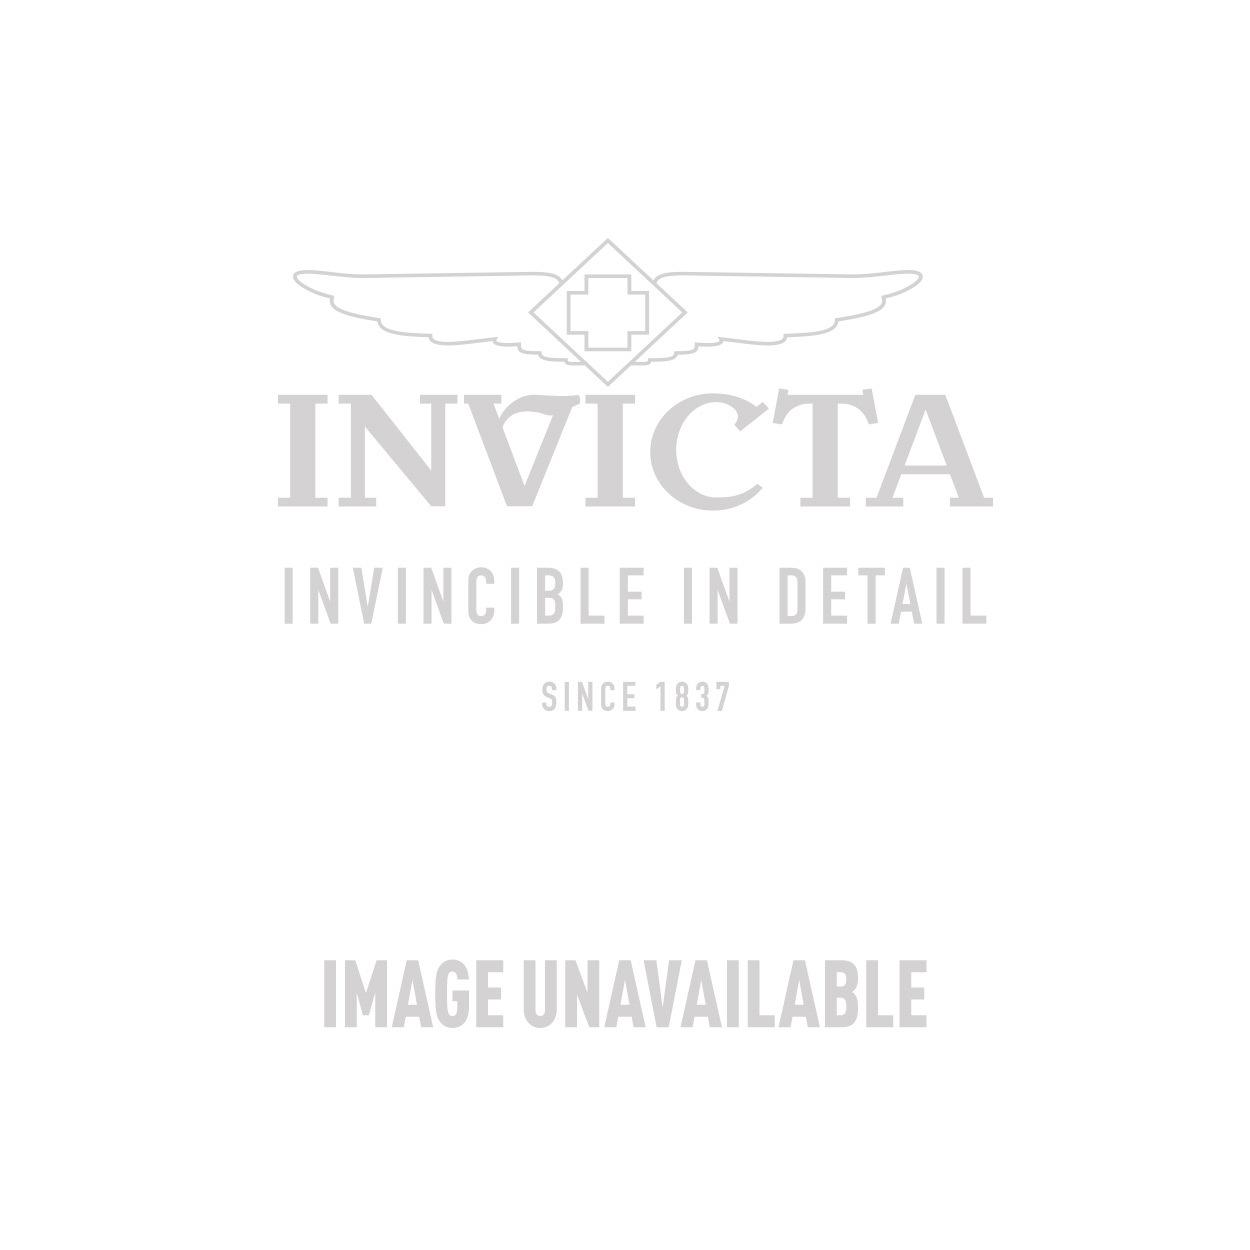 Invicta Model 27131